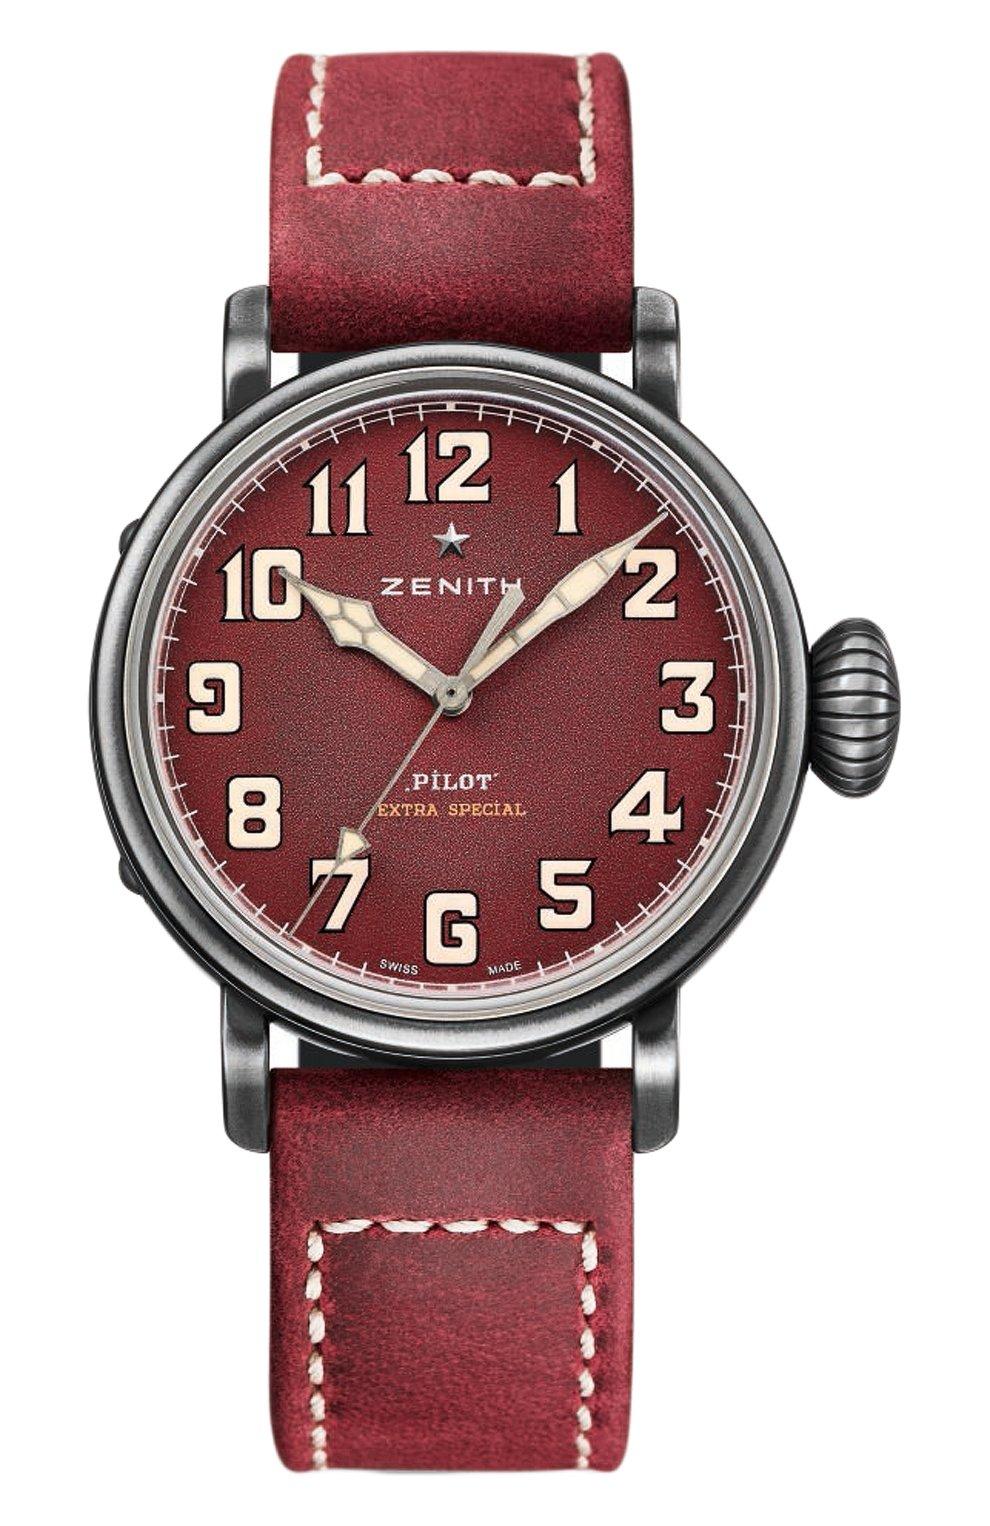 Мужские часы type 20 extra special burgundy ZENITH красного цвета, арт. 11.1940.679/94.C   Фото 1